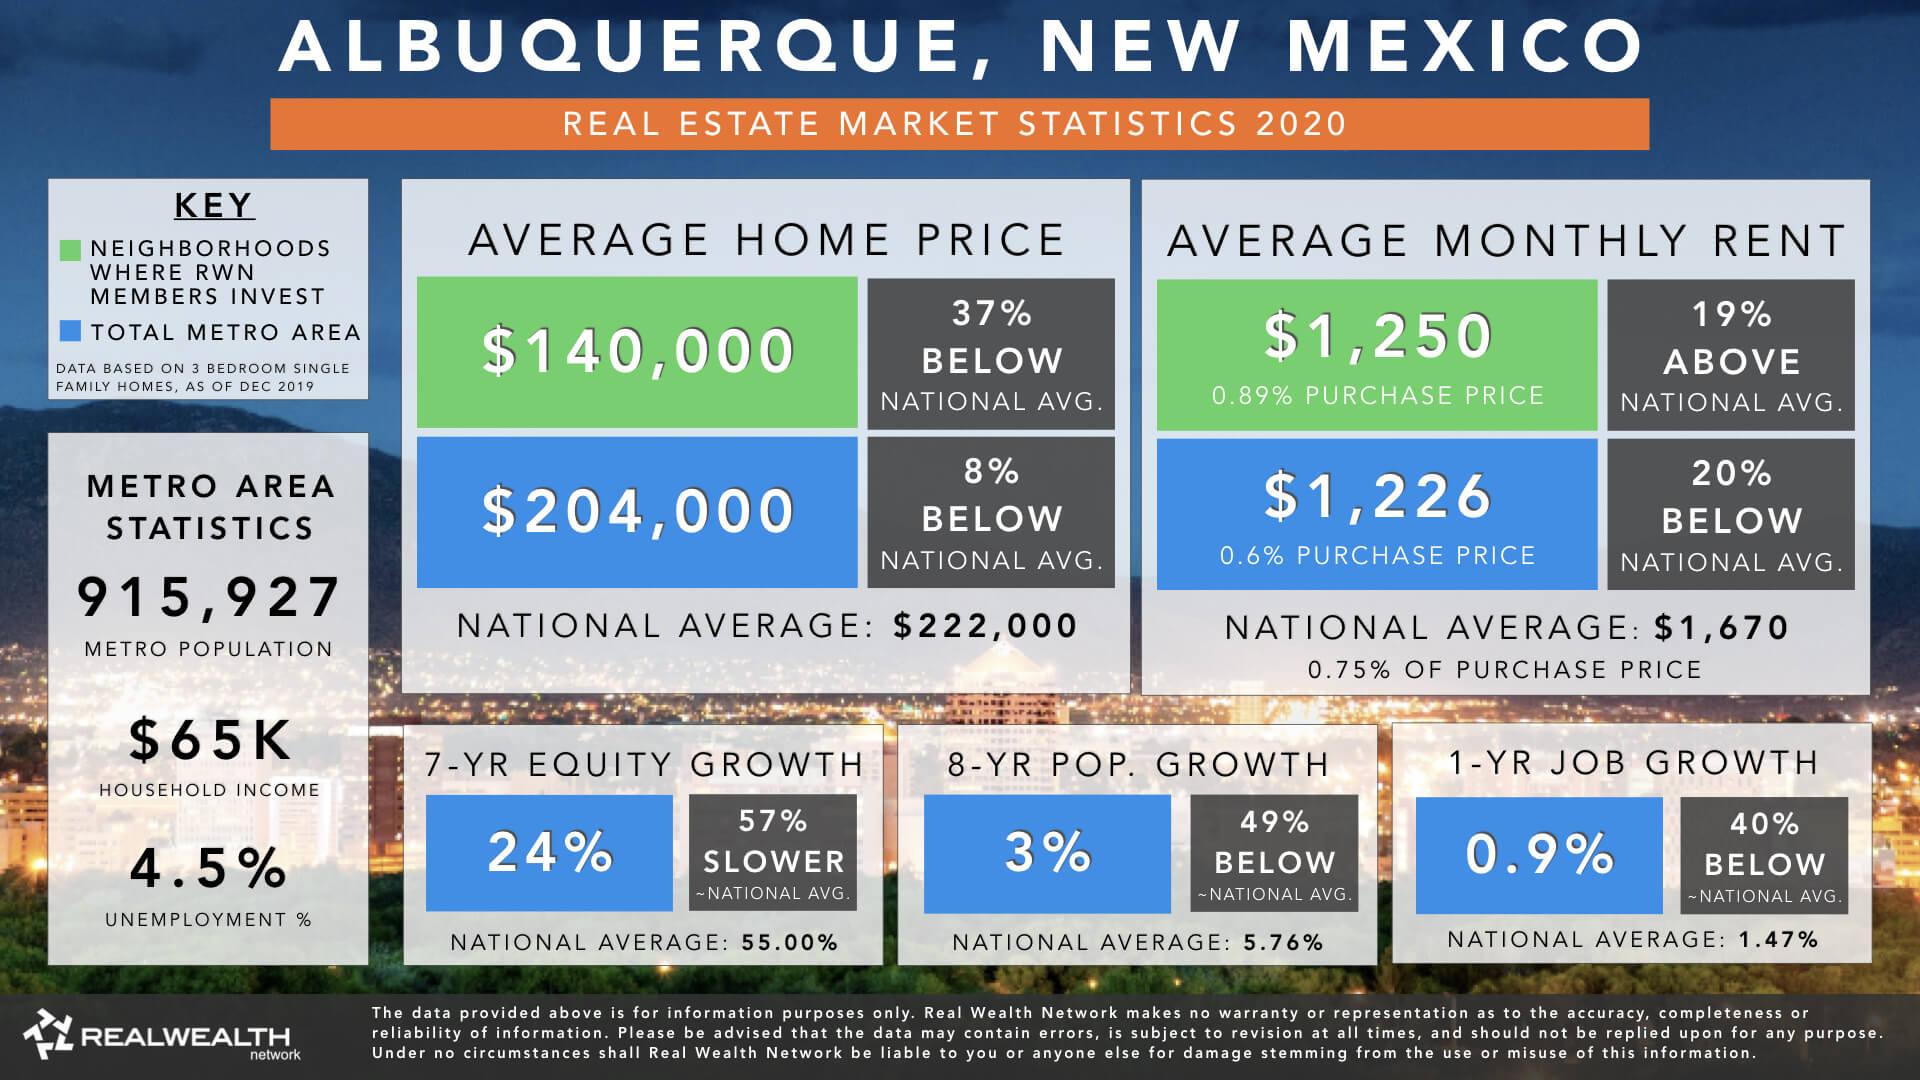 Albuquerque Real Estate Market Trends & Statistics 2020